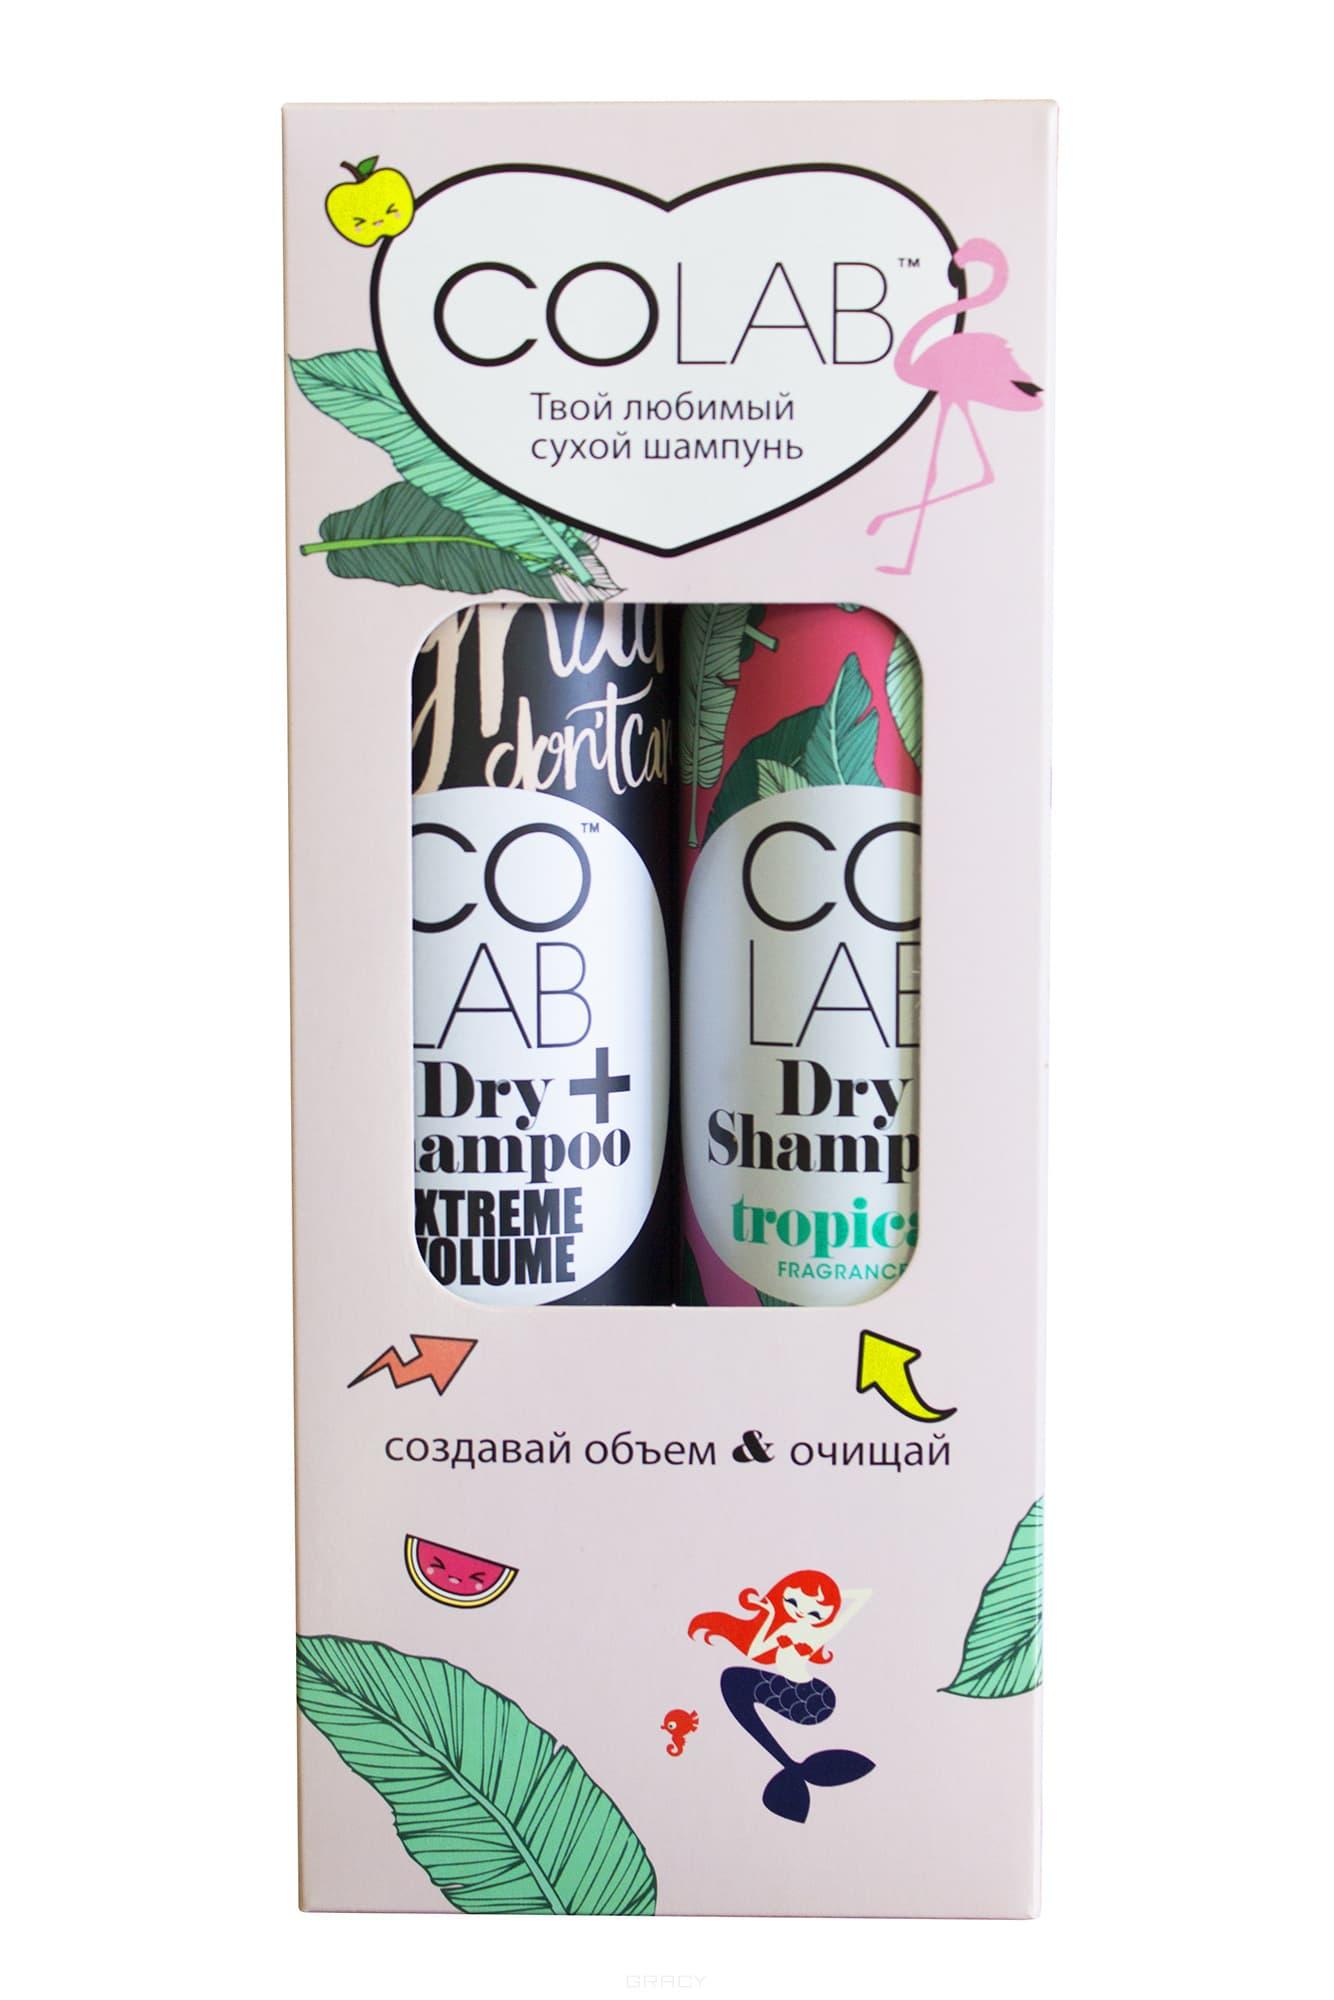 CoLab, Набор сухих шампуней Extreme Volume 200 мл + Tropical 200 мл